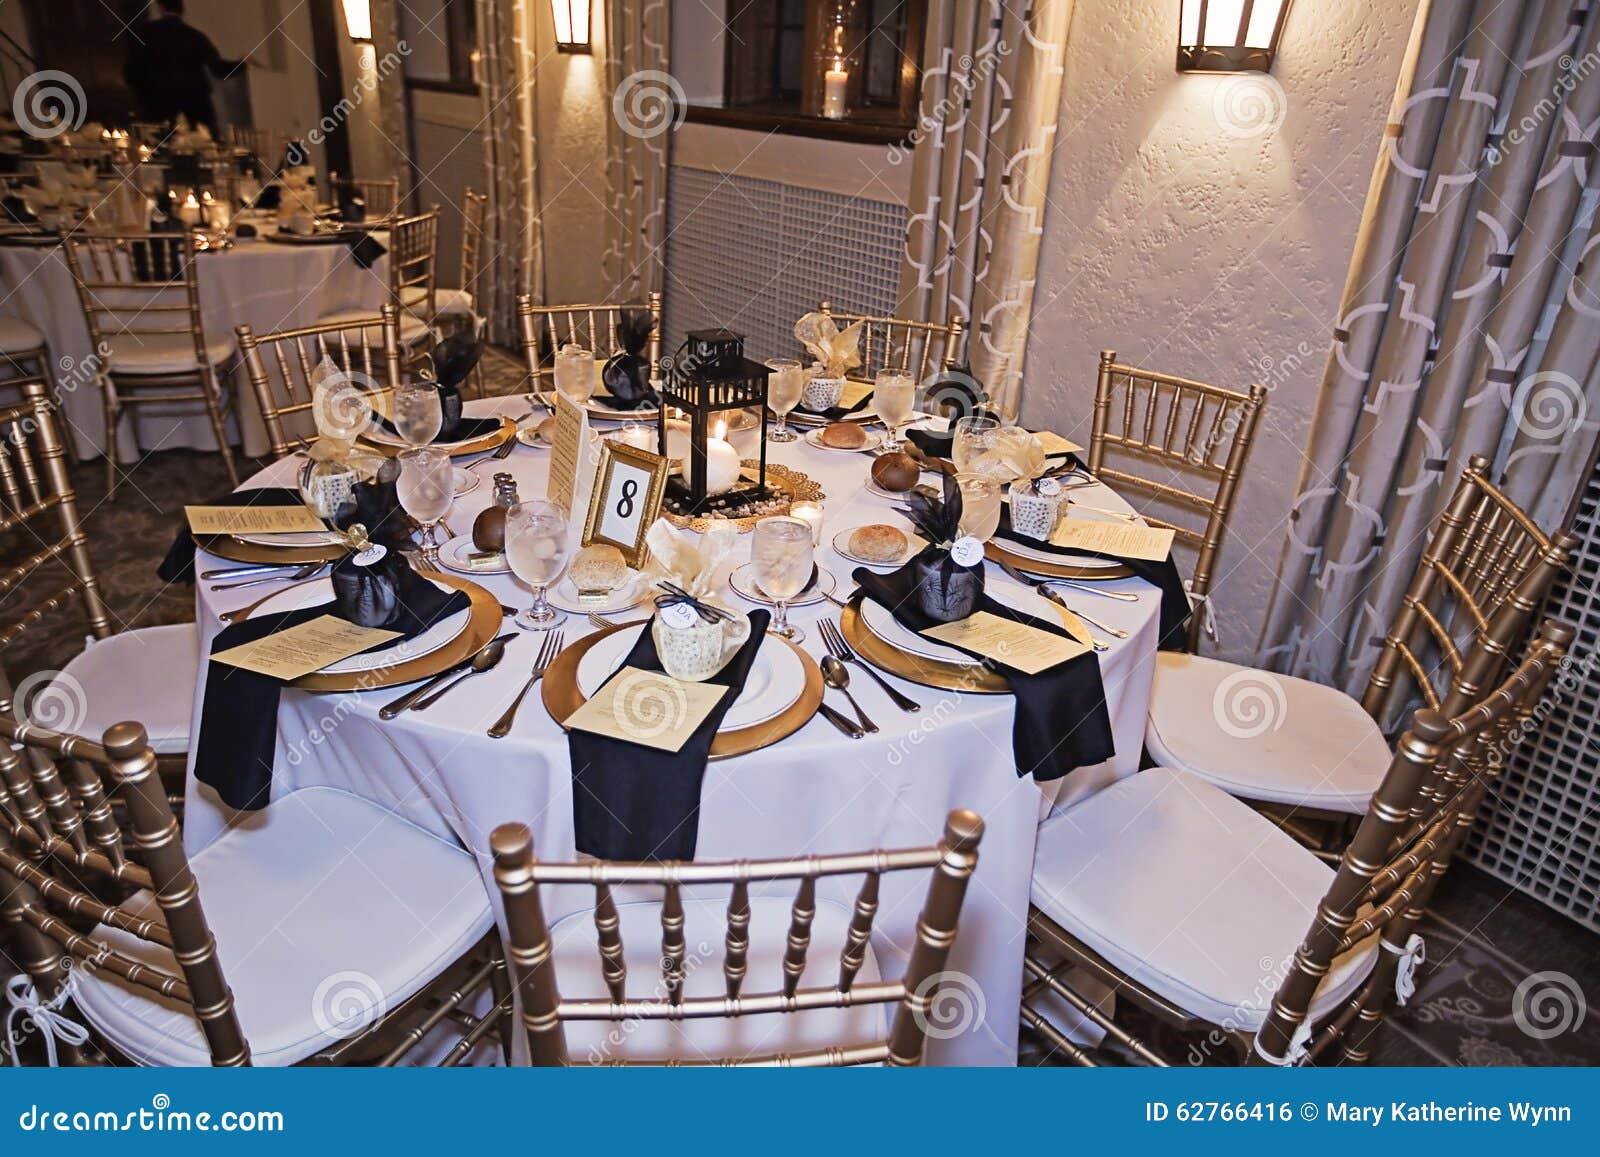 Wedding Reception Table Stock Photo Image Of Elegant 62766416